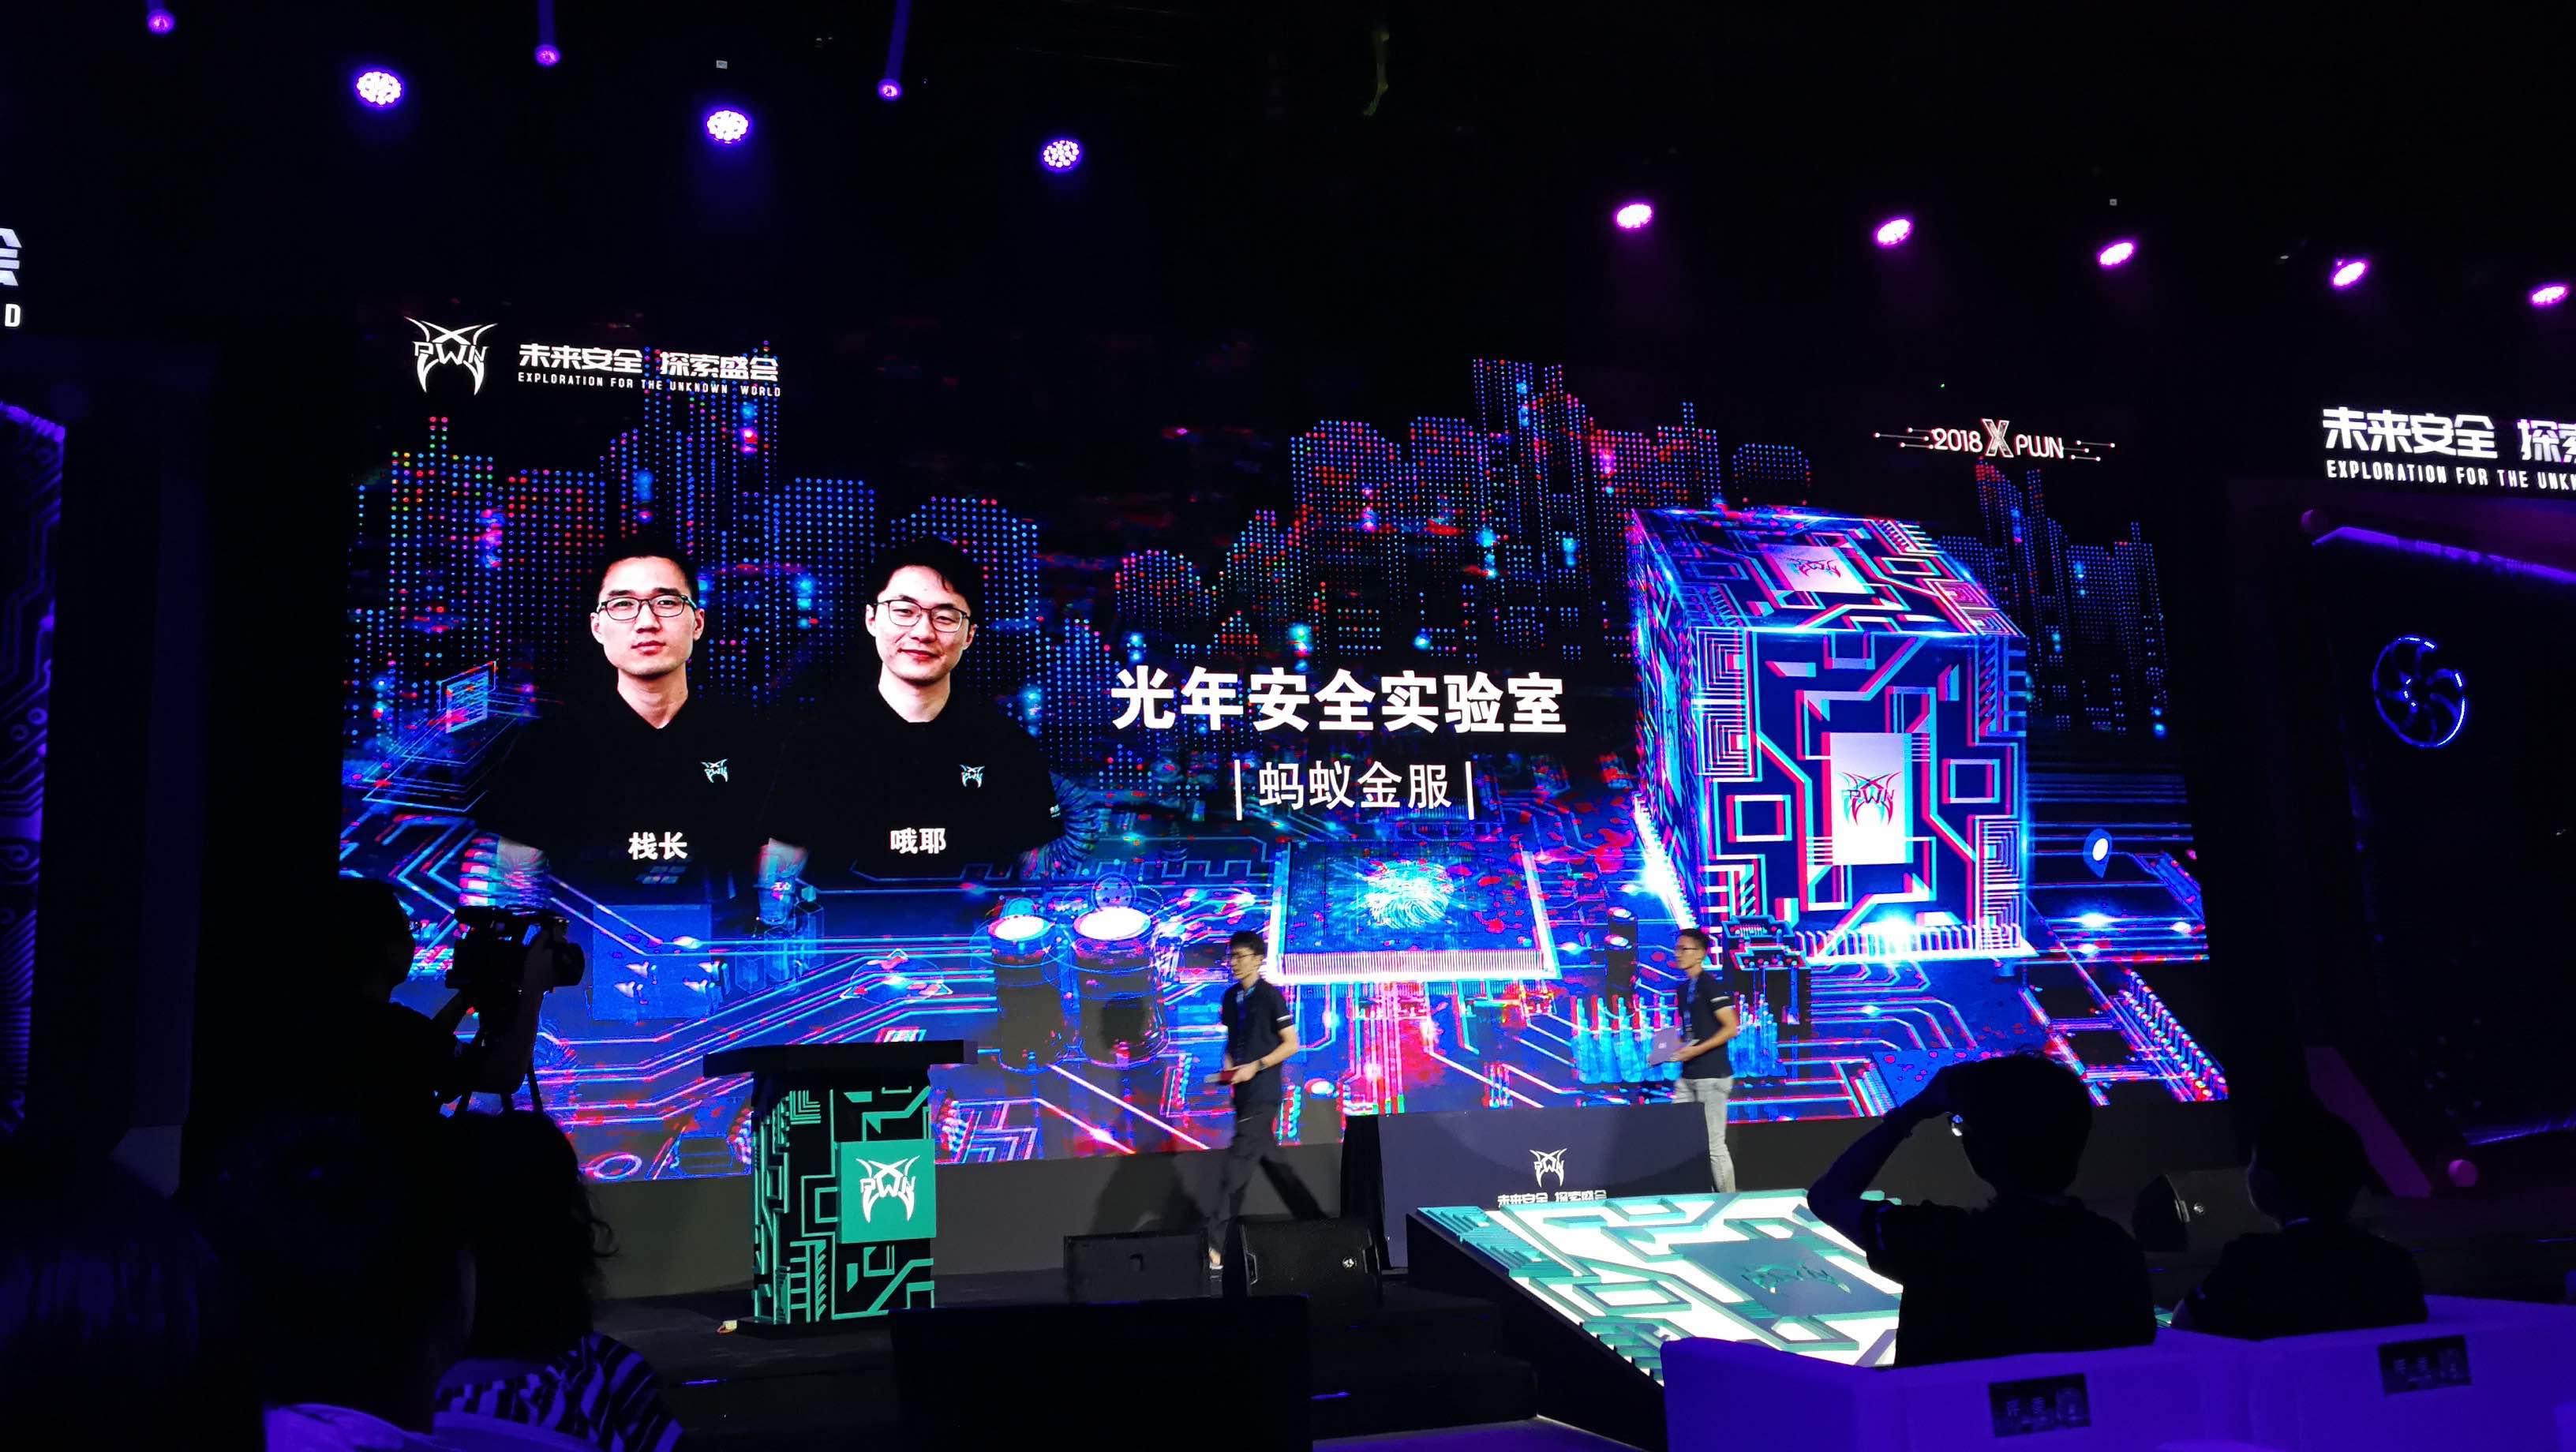 【企服观察】XPwn 2018未来安全探索盛会,探索智慧生活新保障